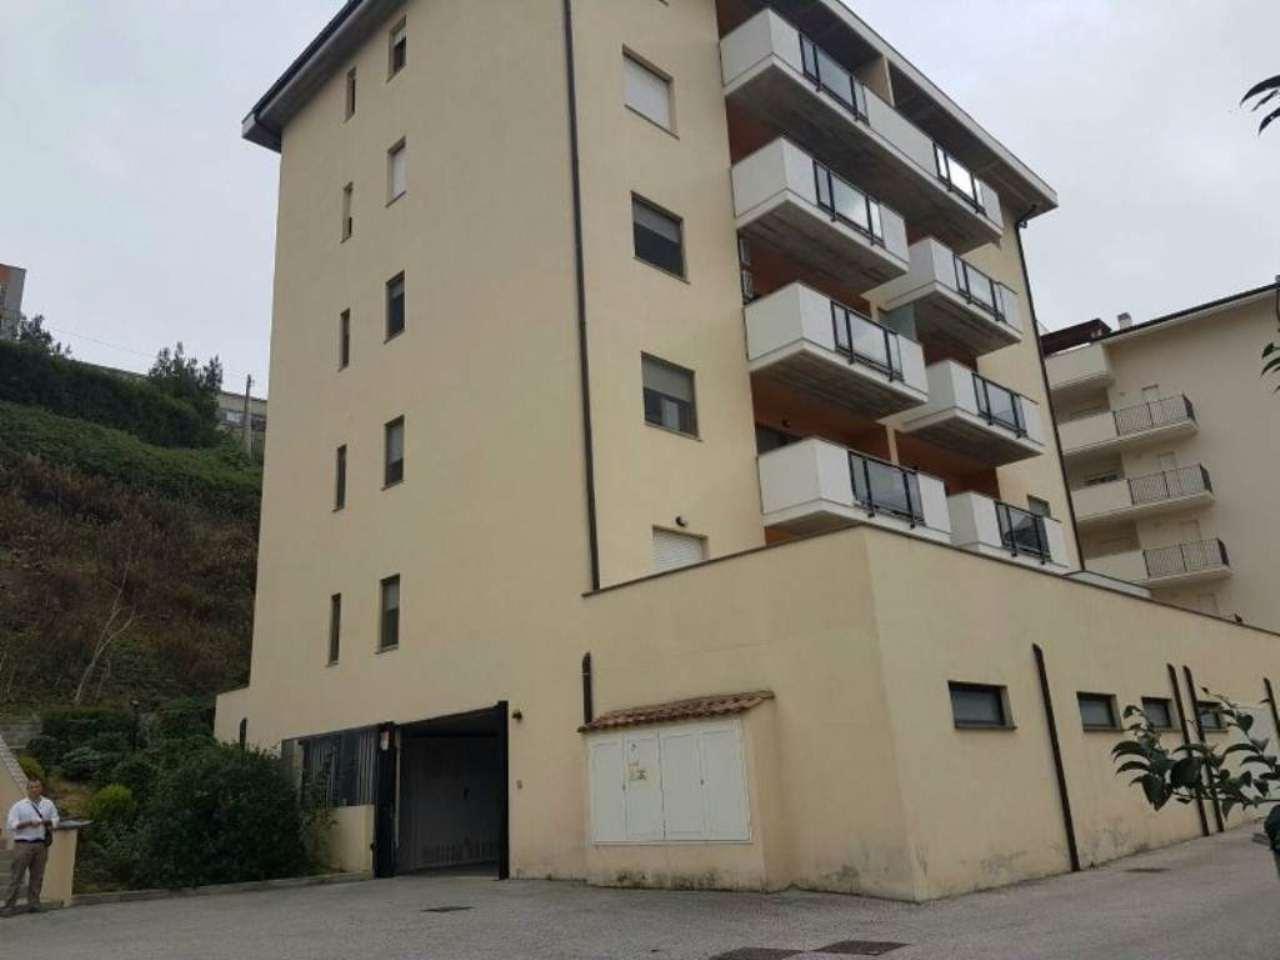 Appartamento, Pescasseroli, Chieti Scalo, Vendita - Chieti (Chieti)